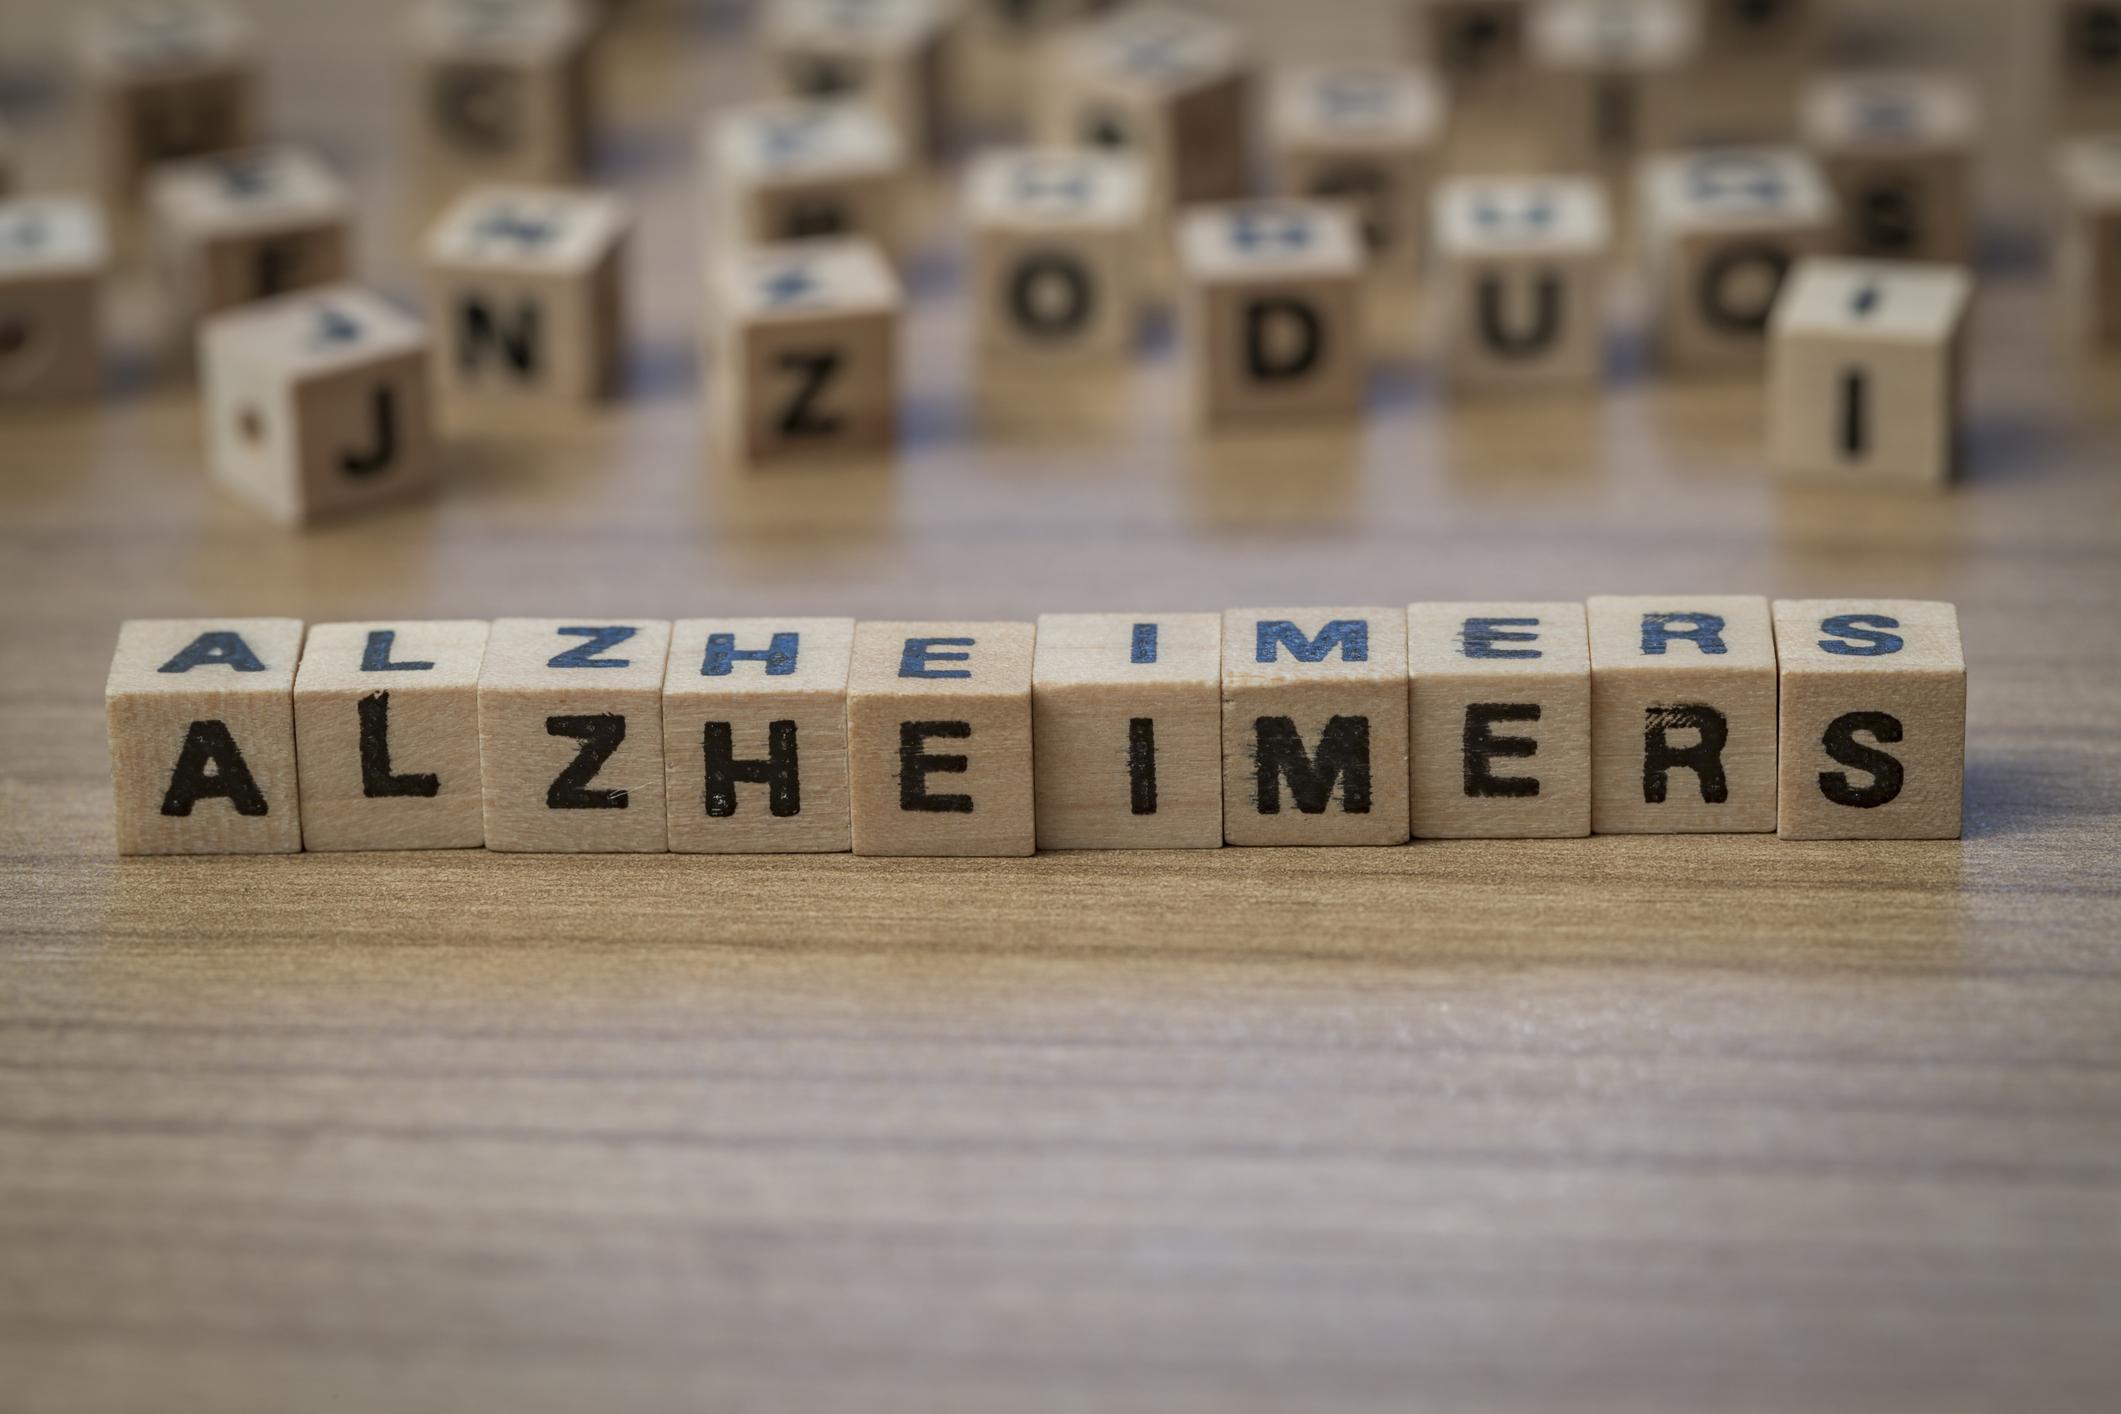 Alzheimers written on wooden cubes.